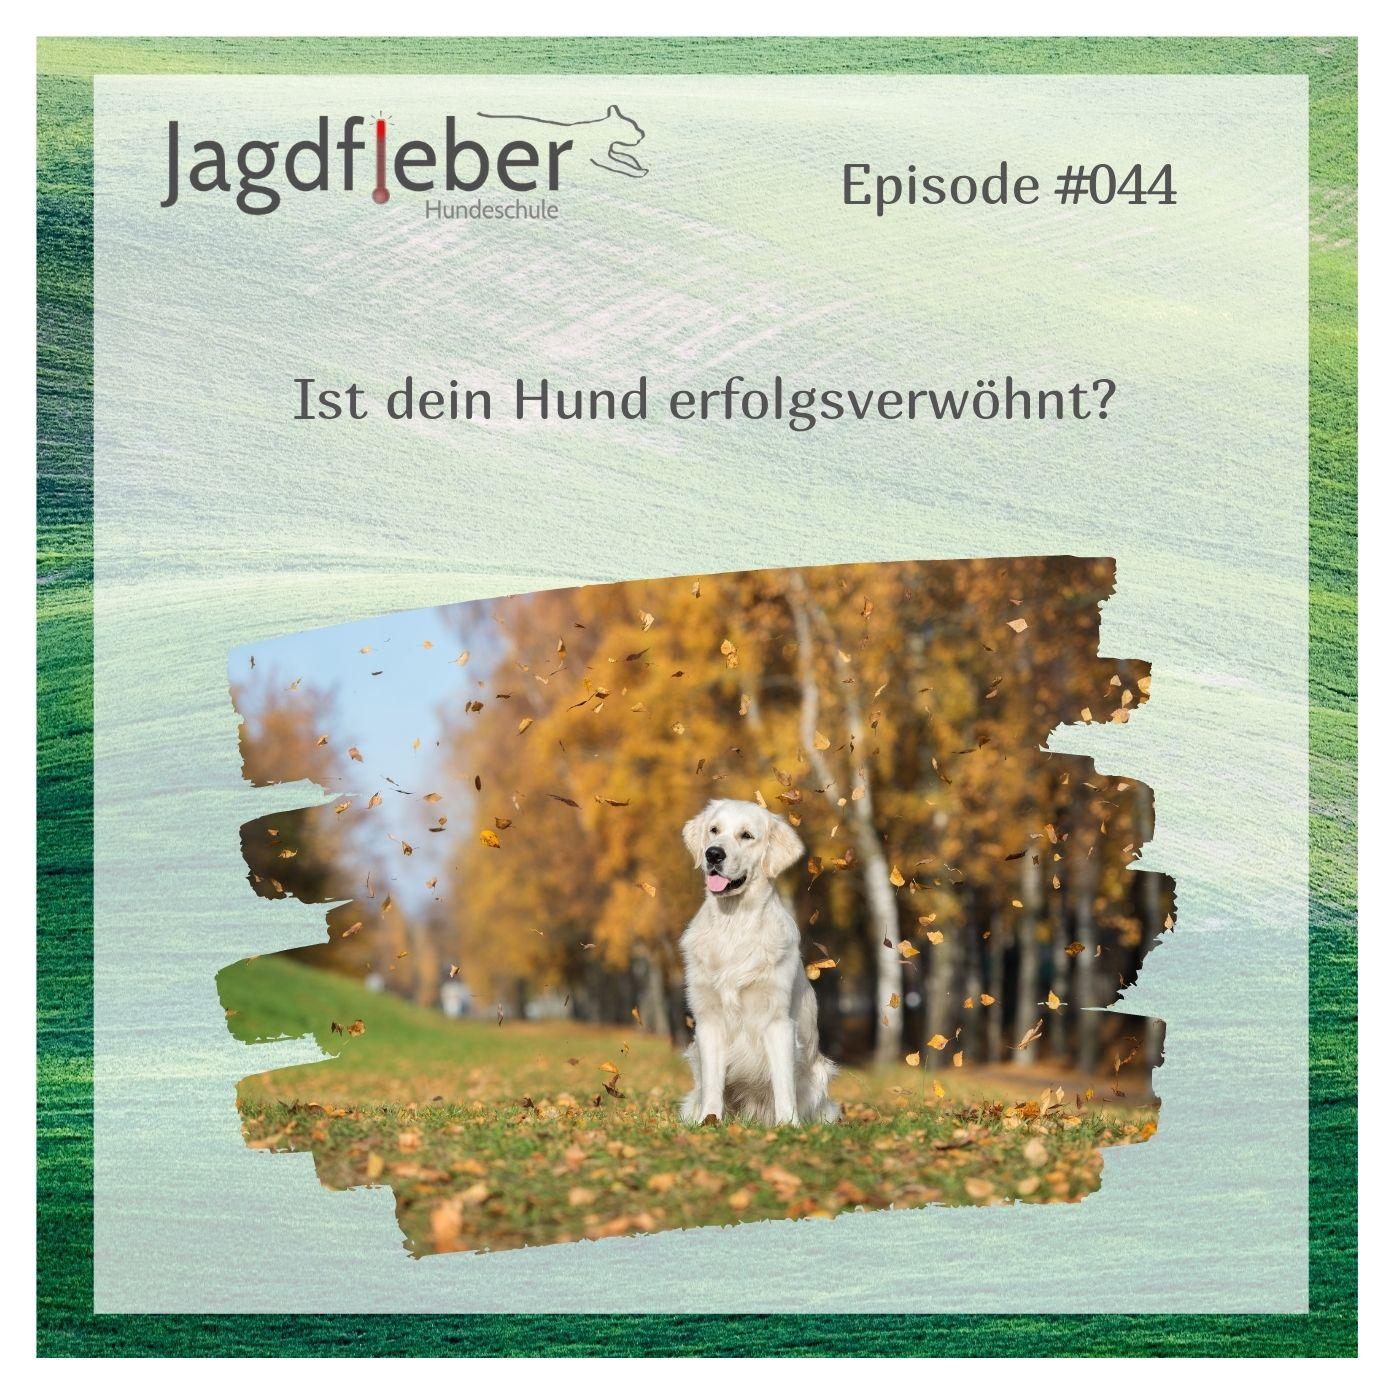 P044: Ist dein Hund erfolgsverwöhnt?